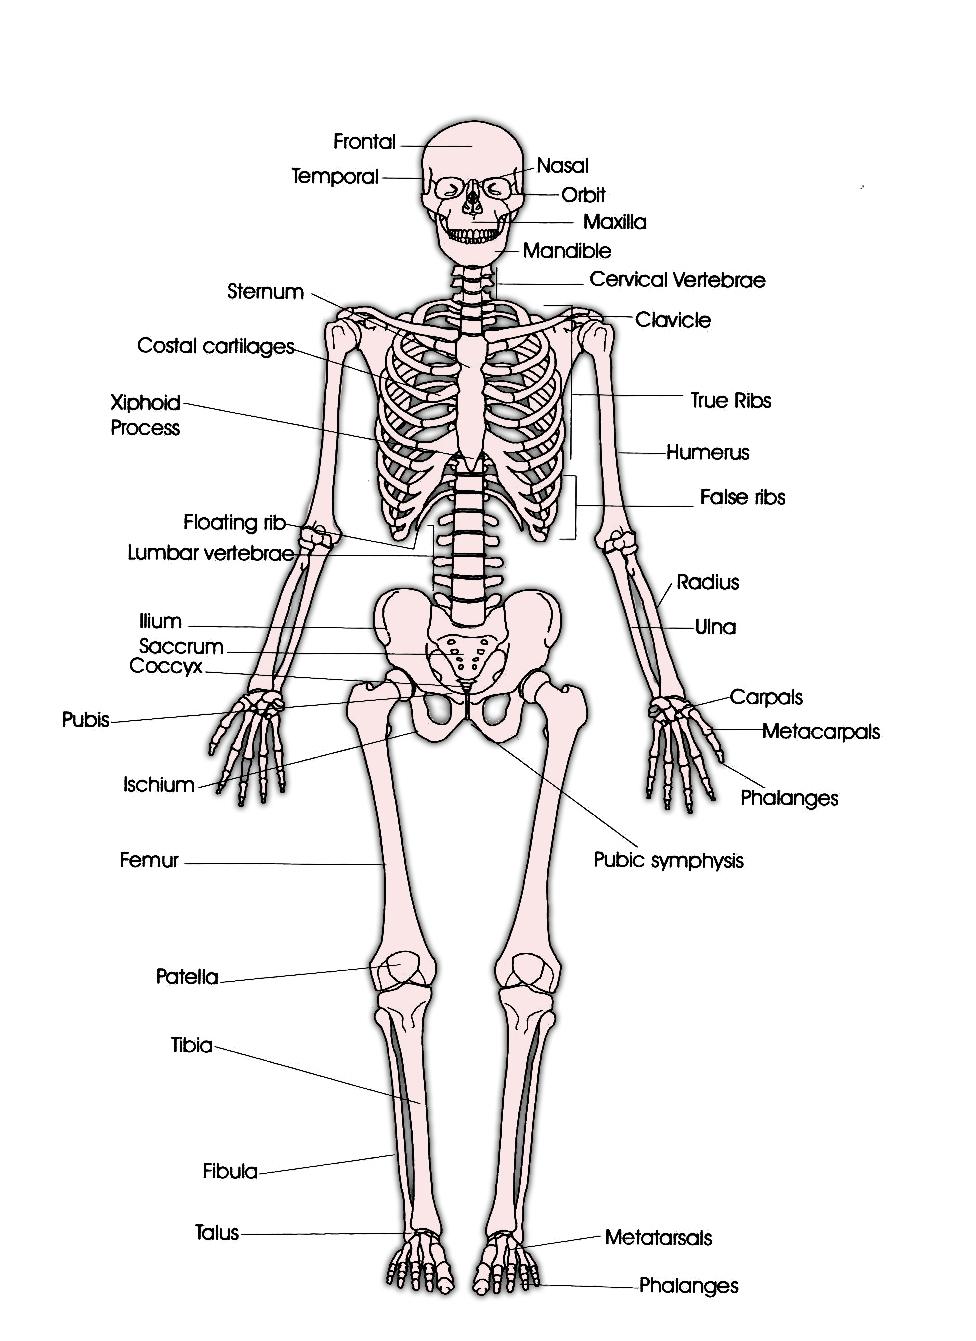 Anatomi Ginjal Manusia Dan Fungsinya